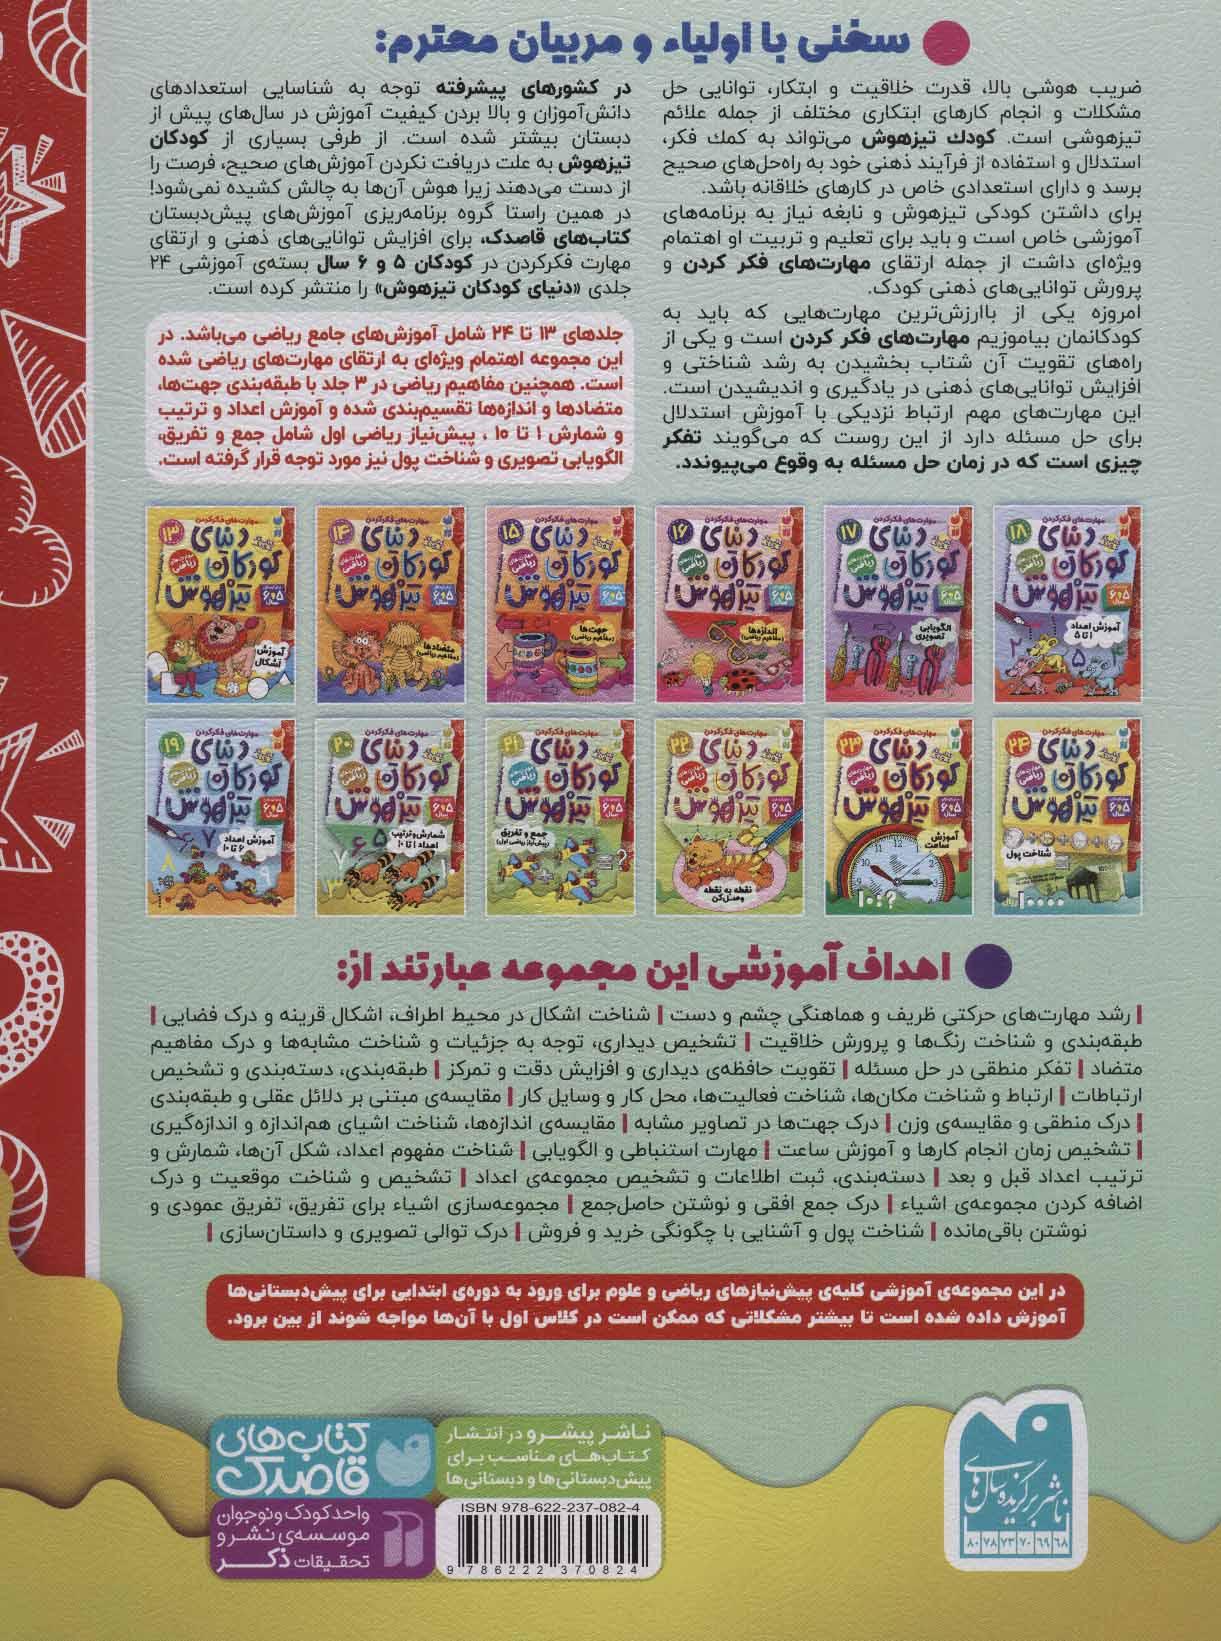 کتاب کار دنیای کودکان تیزهوش20 (مهارت های فکر کردن:شمارش و ترتیب اعداد 1تا10)